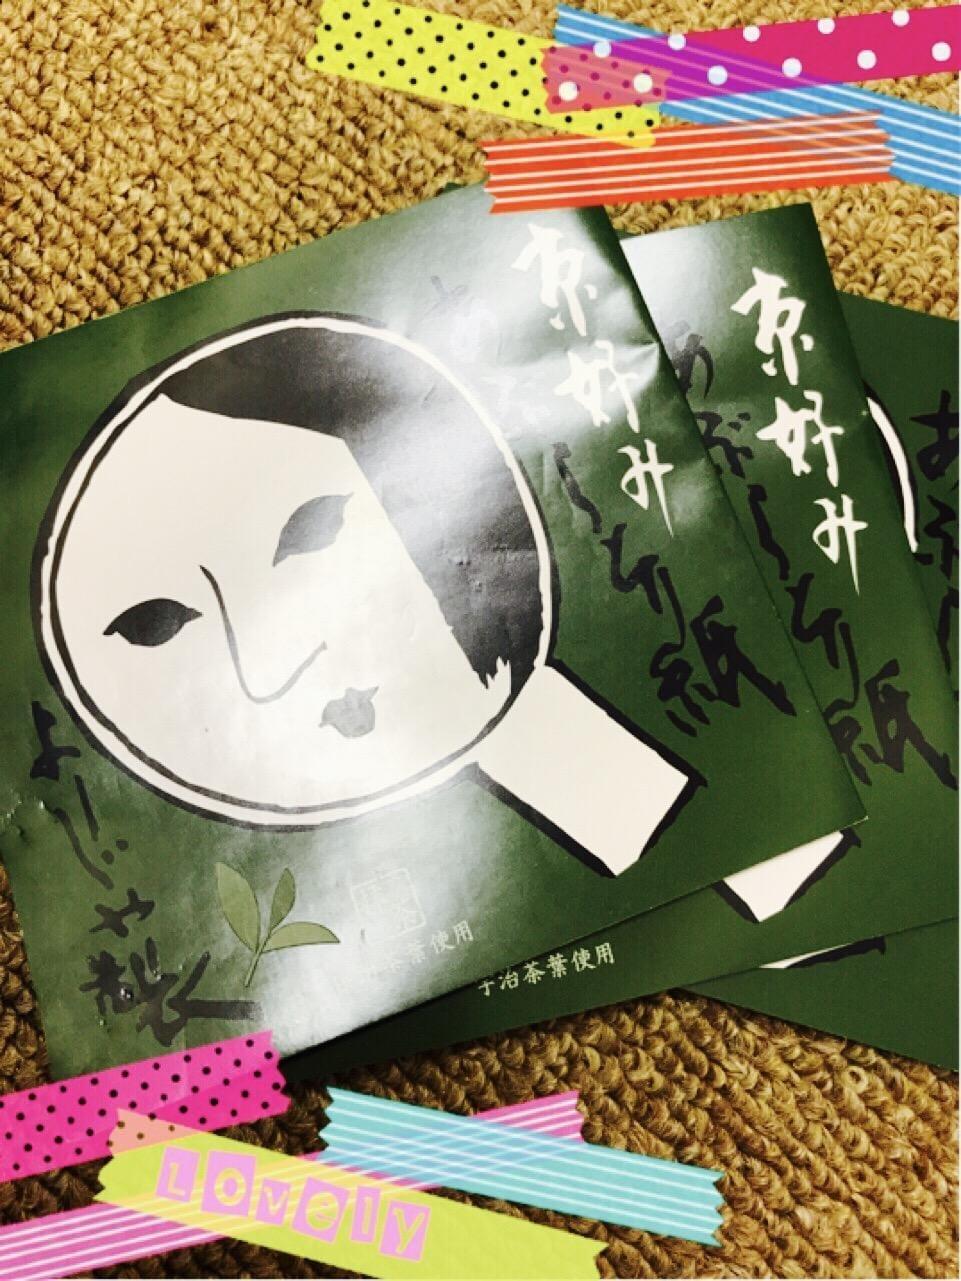 「よーじやといえば( ^ω^ )」10/20(土) 00:20 | 大塚 ゆみこの写メ・風俗動画